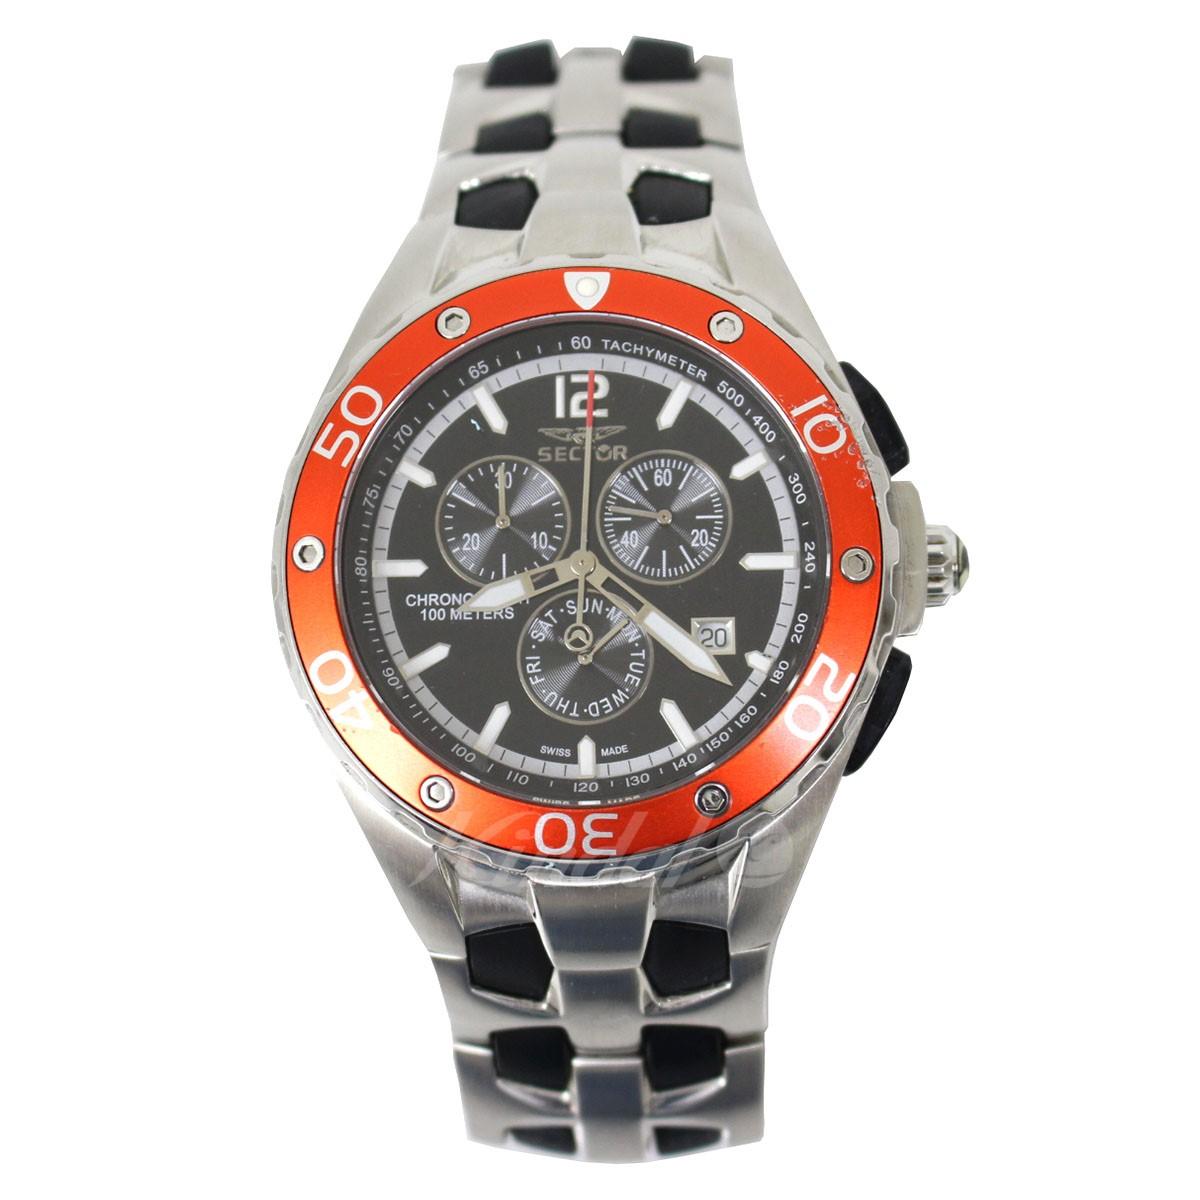 【中古】SECTOR 350 クロノグラフ 腕時計 電池式 レッド、シルバー他 サイズ:- 【210519】(セクター)